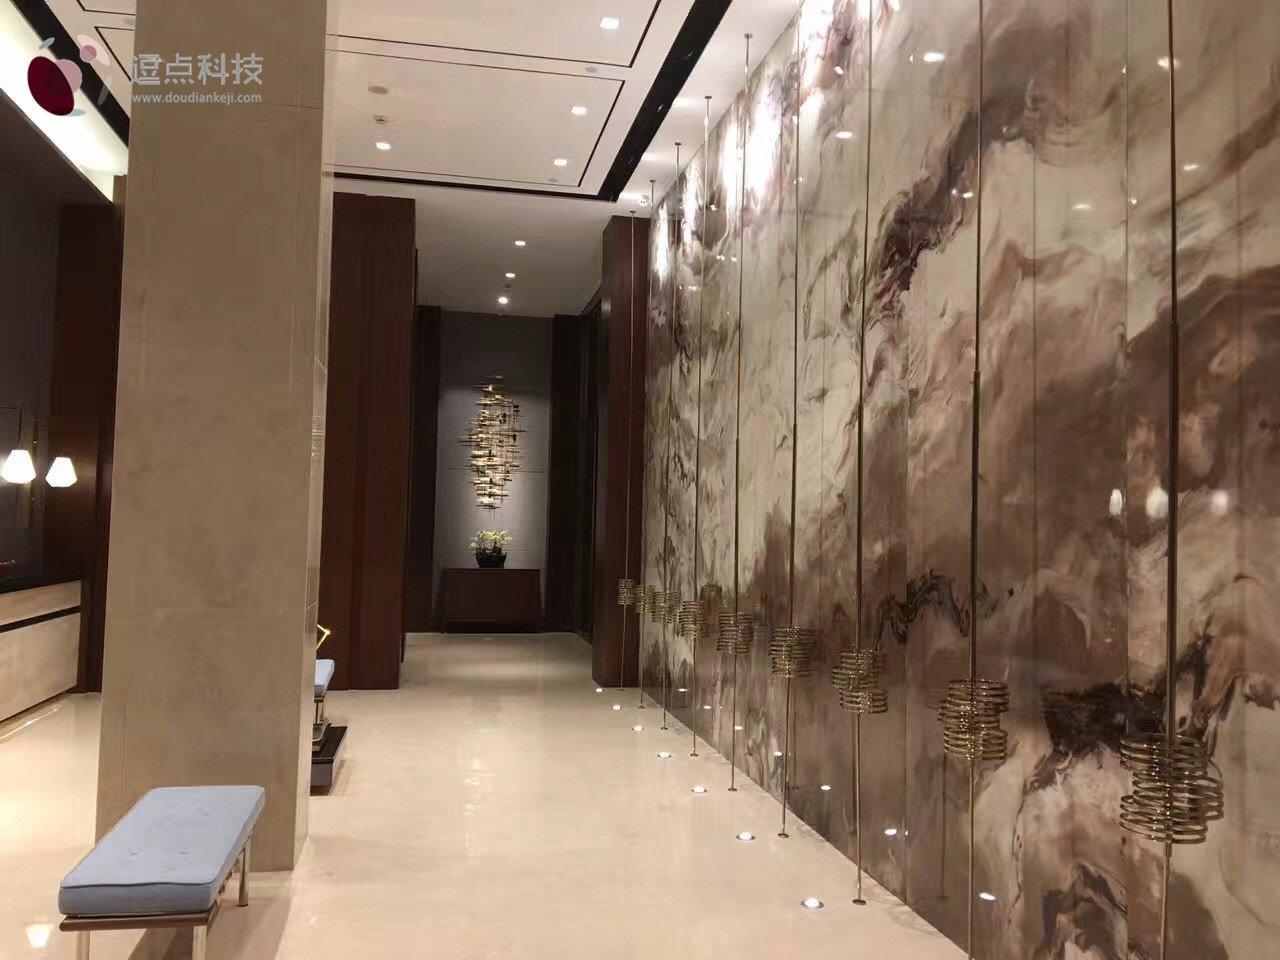 上海和颐酒店背景墙